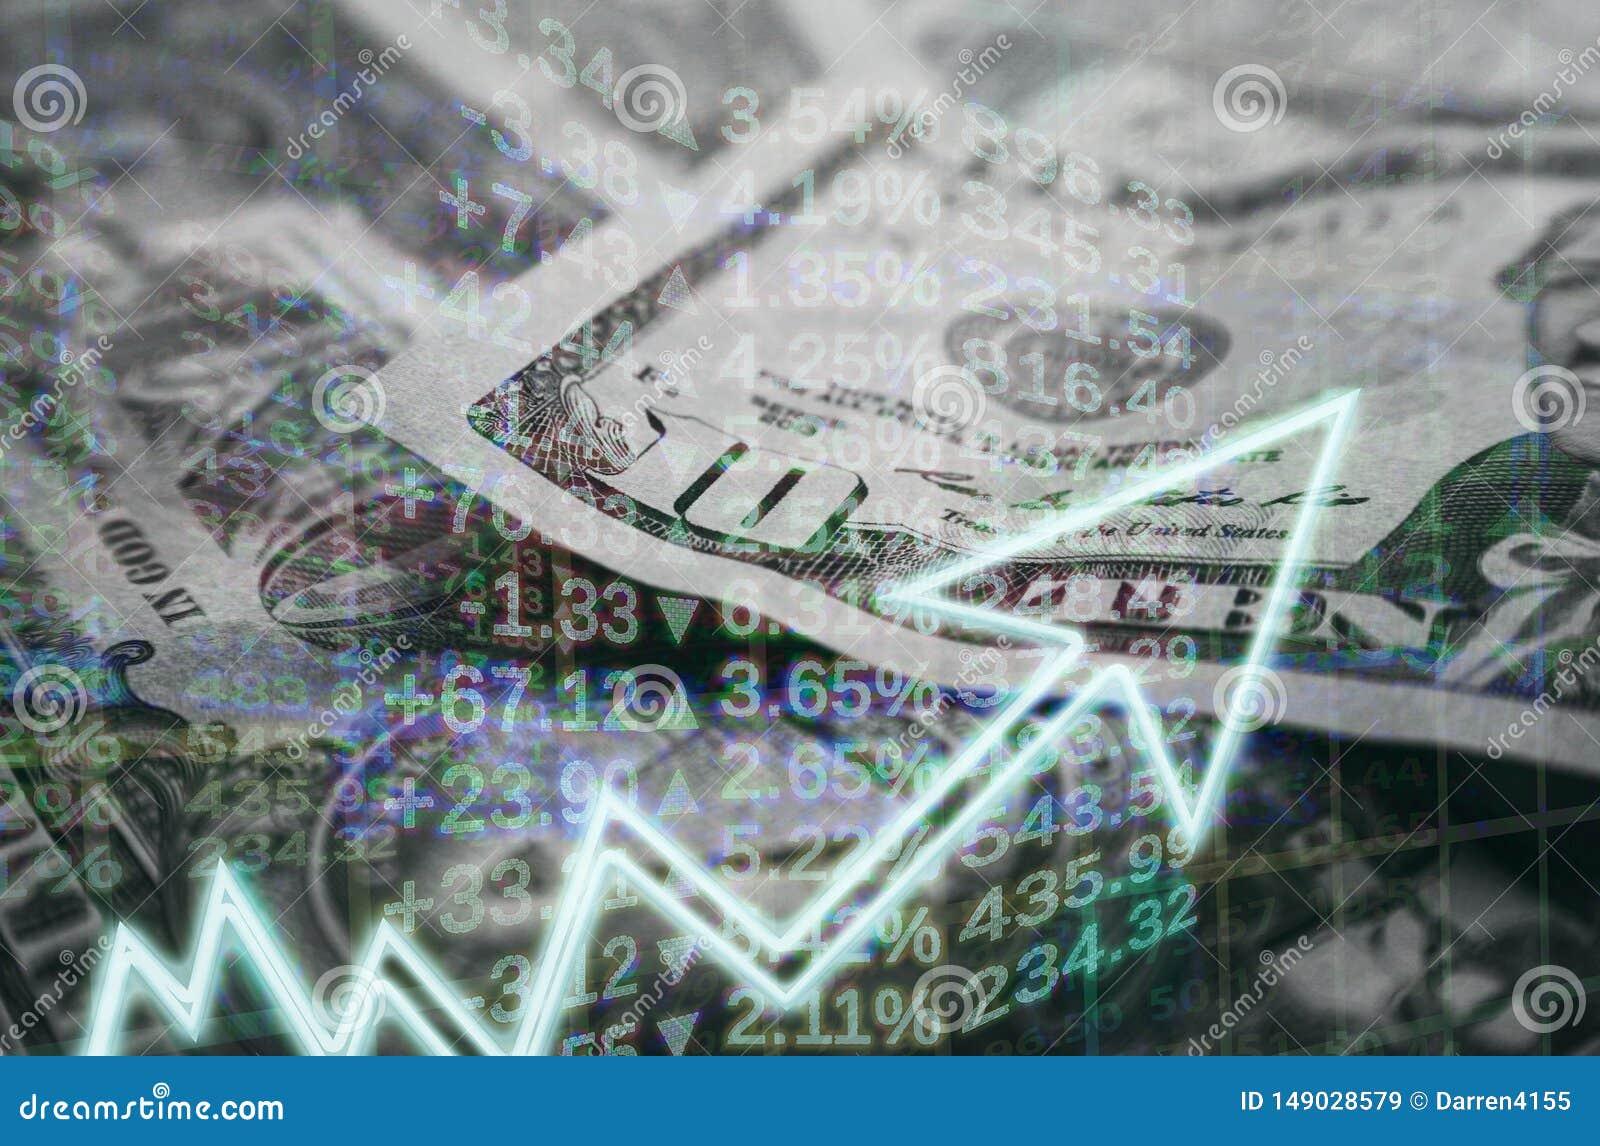 Affären & finans med pengar- & materielgrafen som visar vinst, vinner högkvalitativt